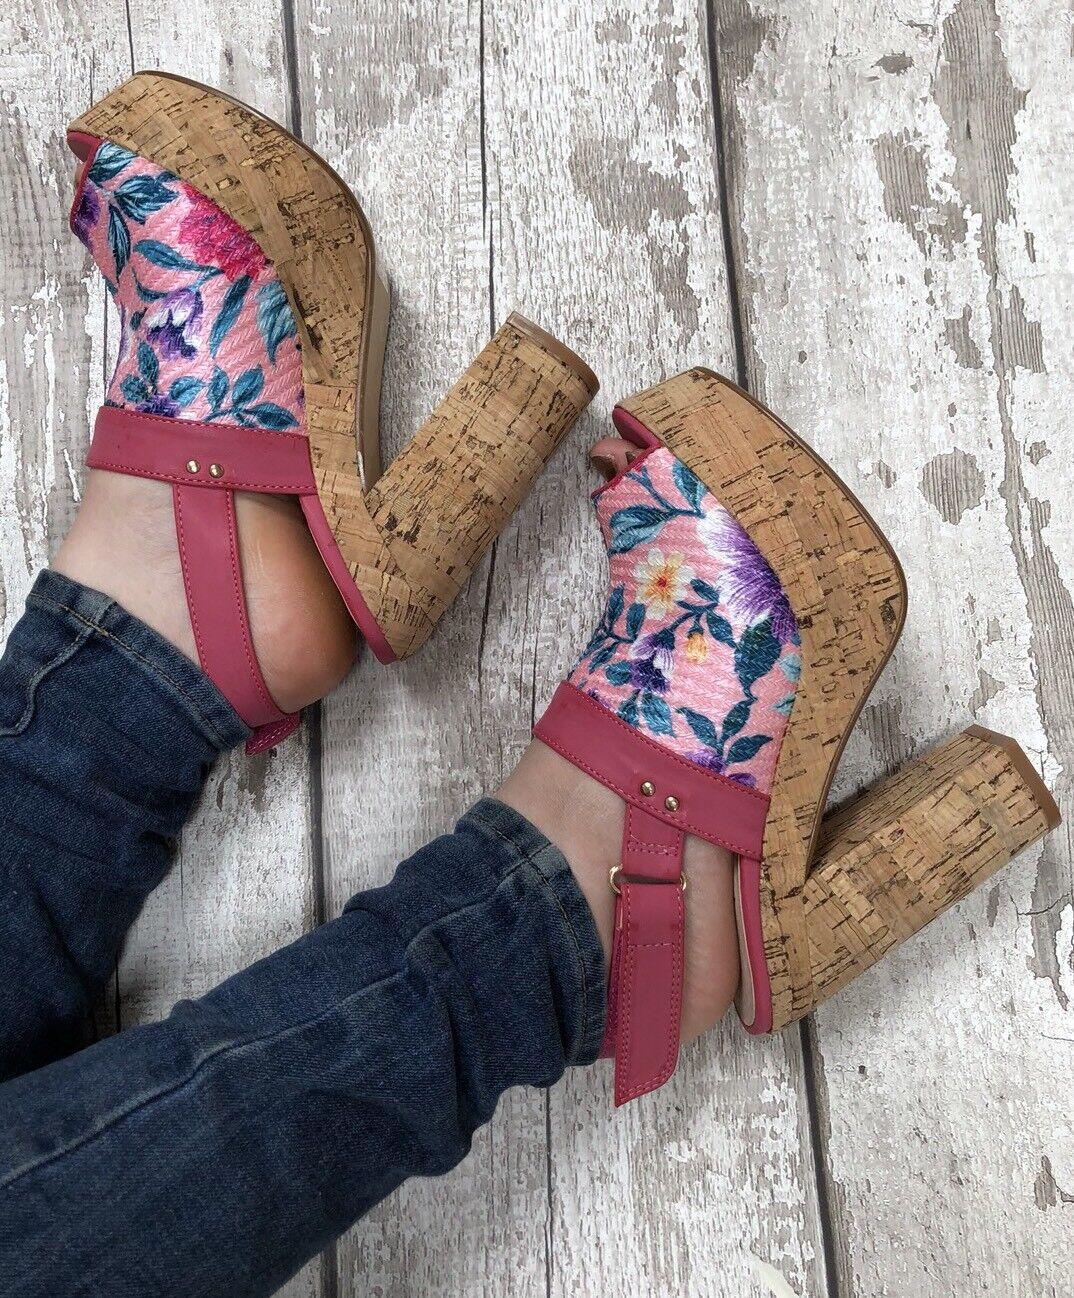 pink platform heels Cork Size 8 Dolcis Floral Cork heels Effect Sling Back Peep Toe Sandal 894da3